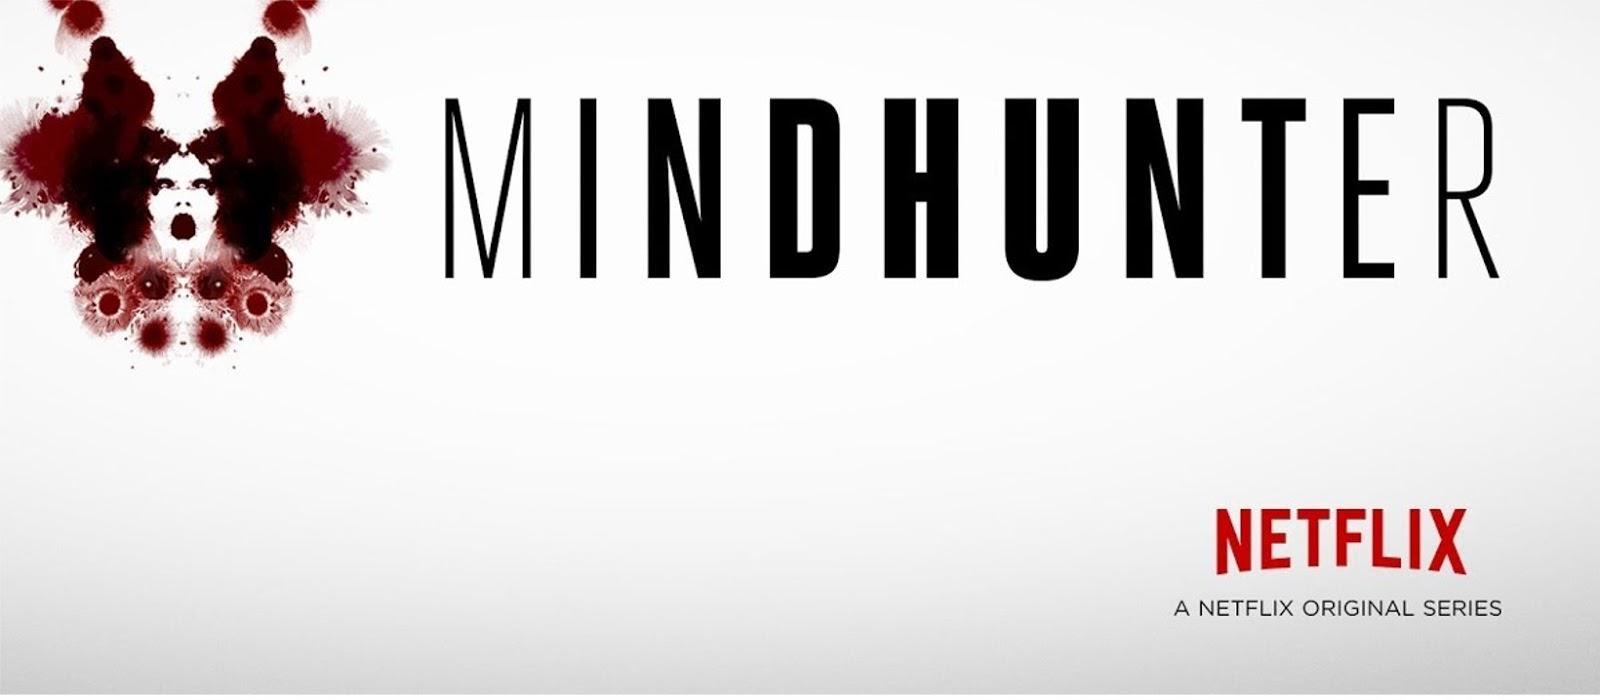 Mindhunter Netflix Banner